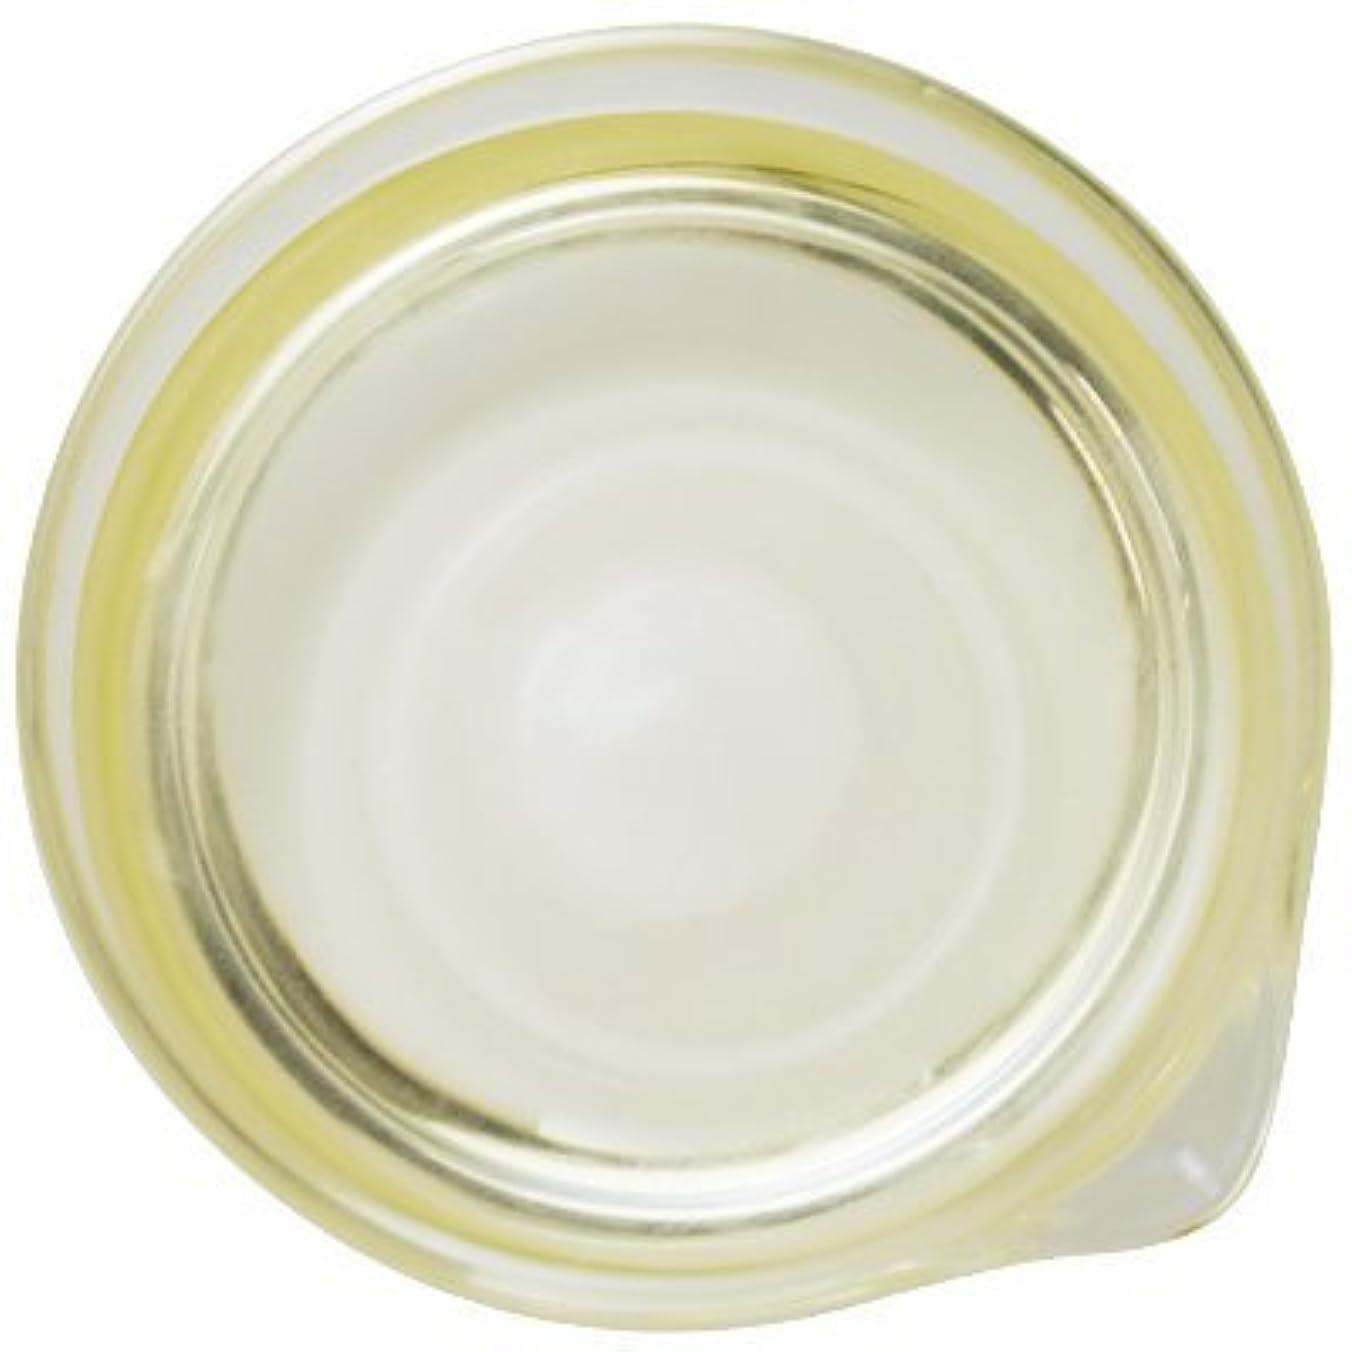 自体溶けた良さセサミオイル 250ml [白ごま油]【手作り石鹸/手作りコスメ/ごま油】【birth】